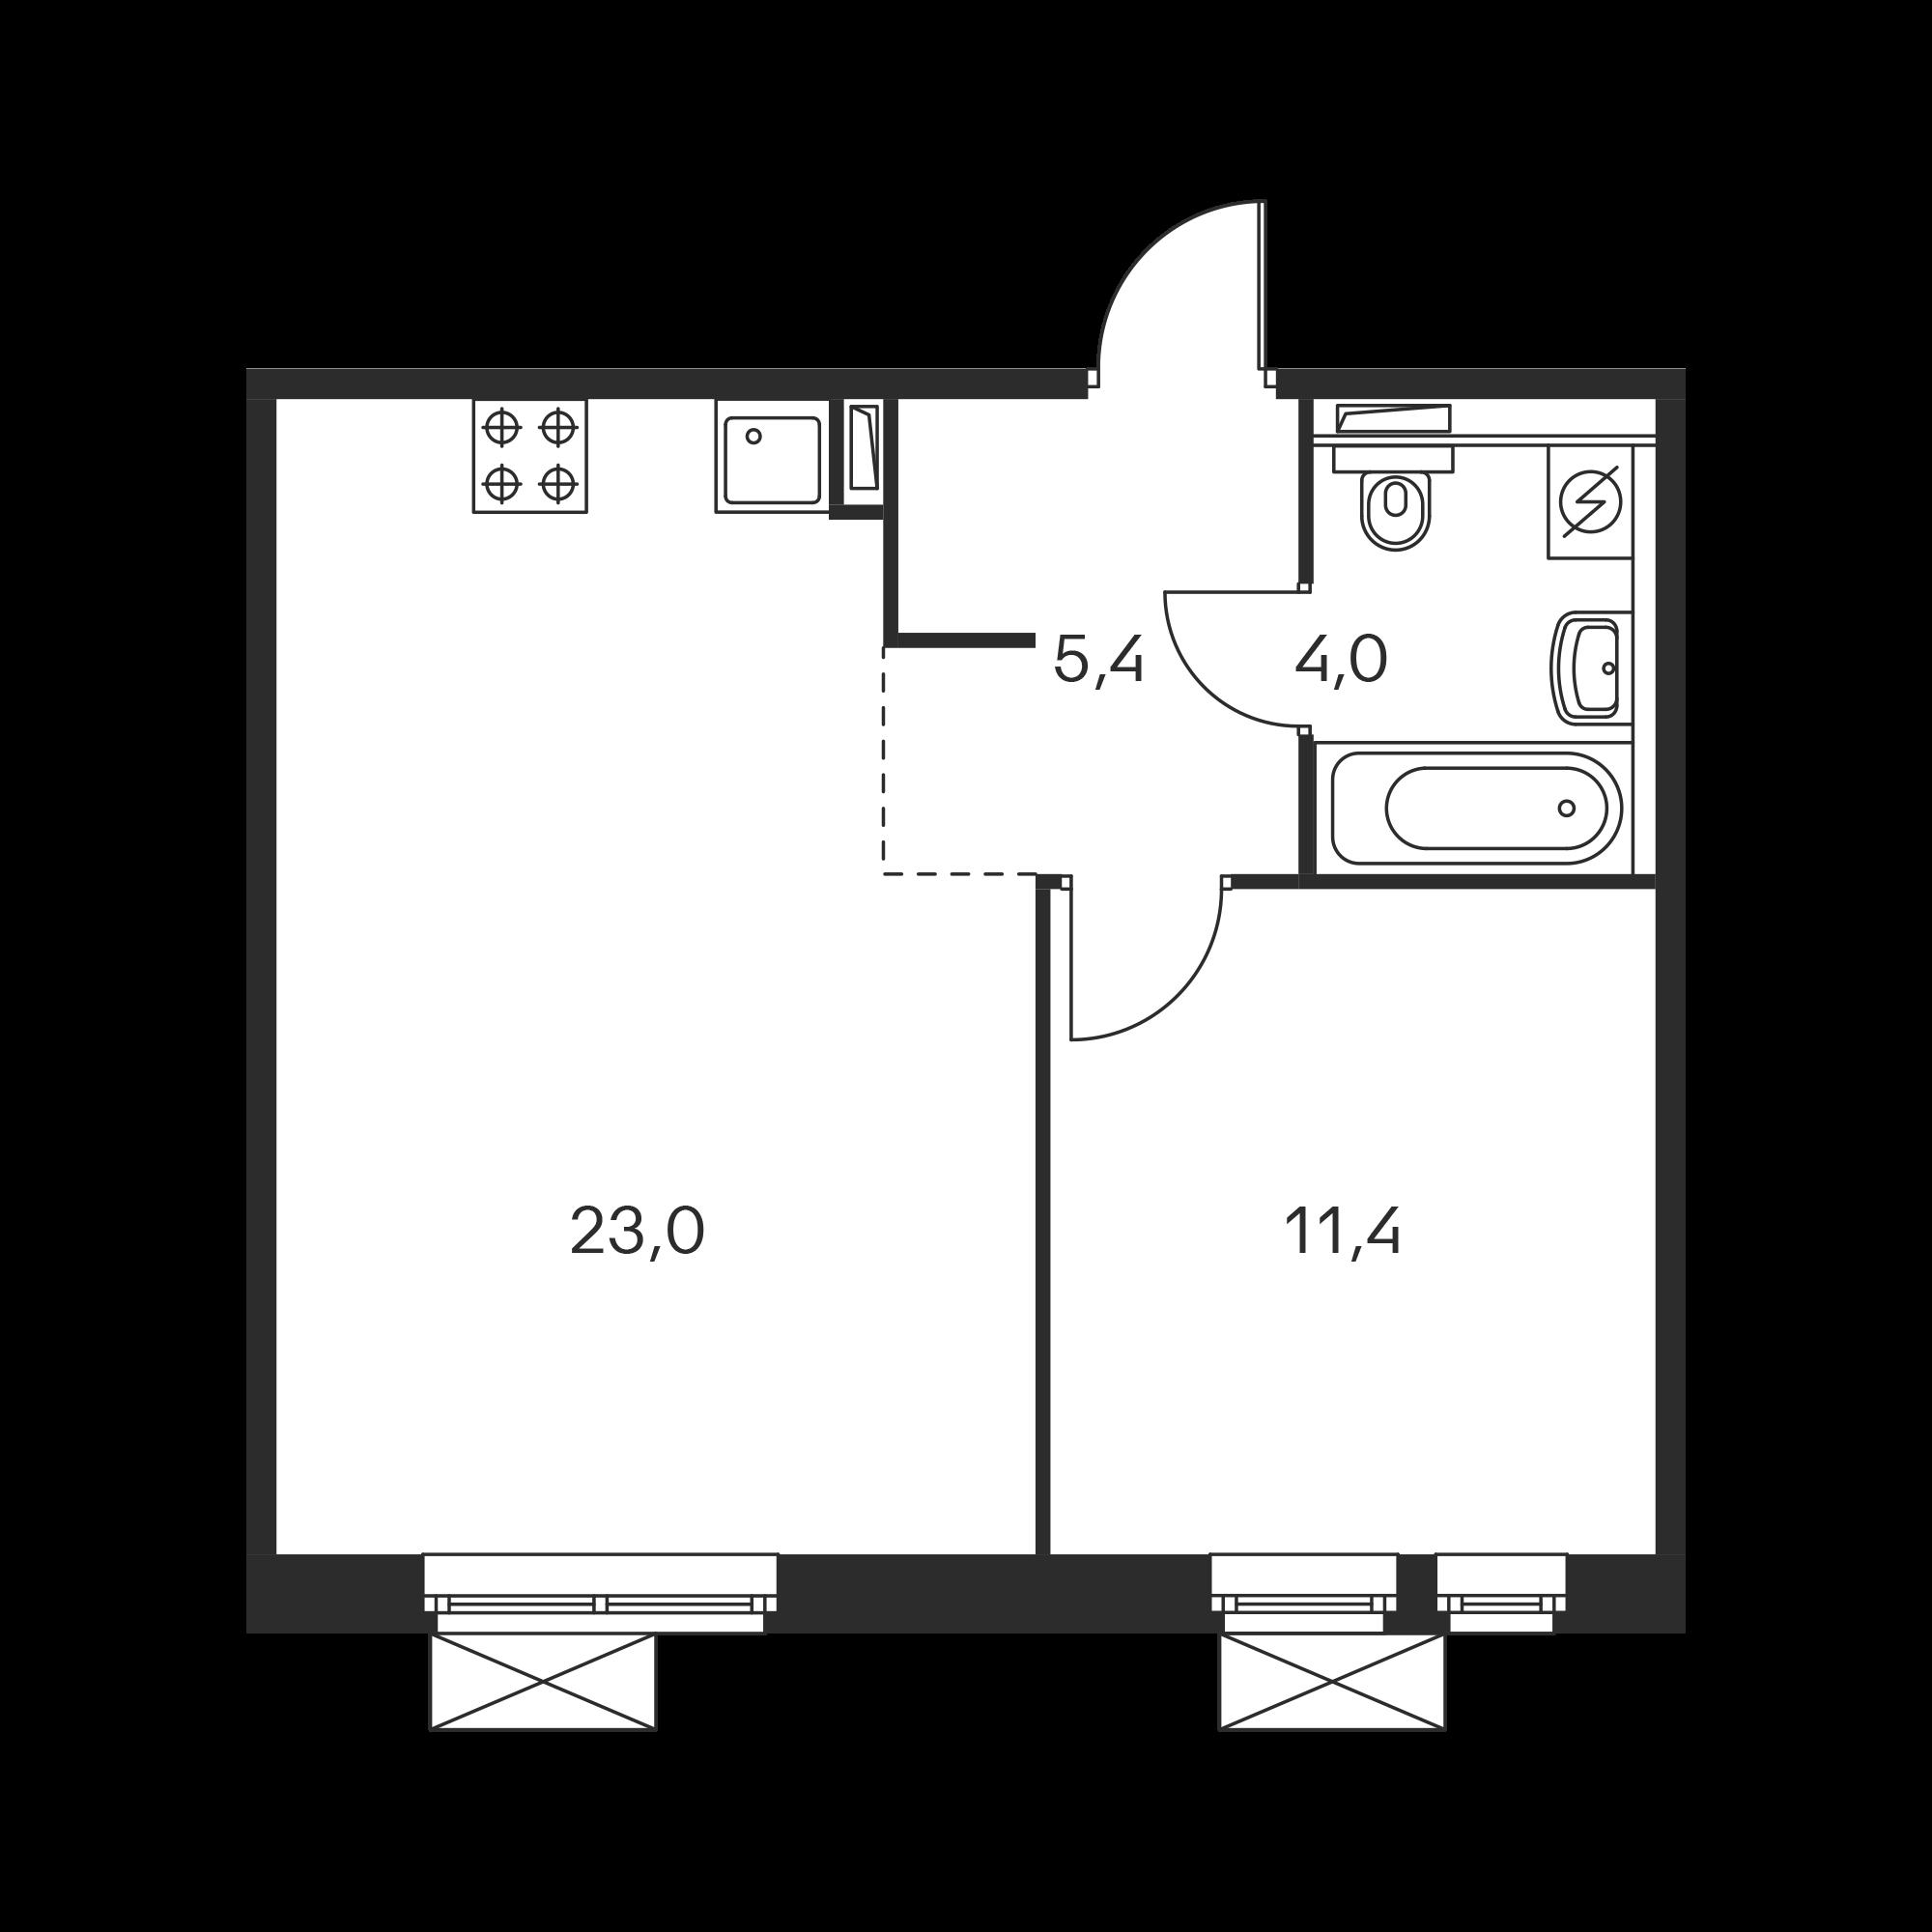 1EL5_7.5-1w1